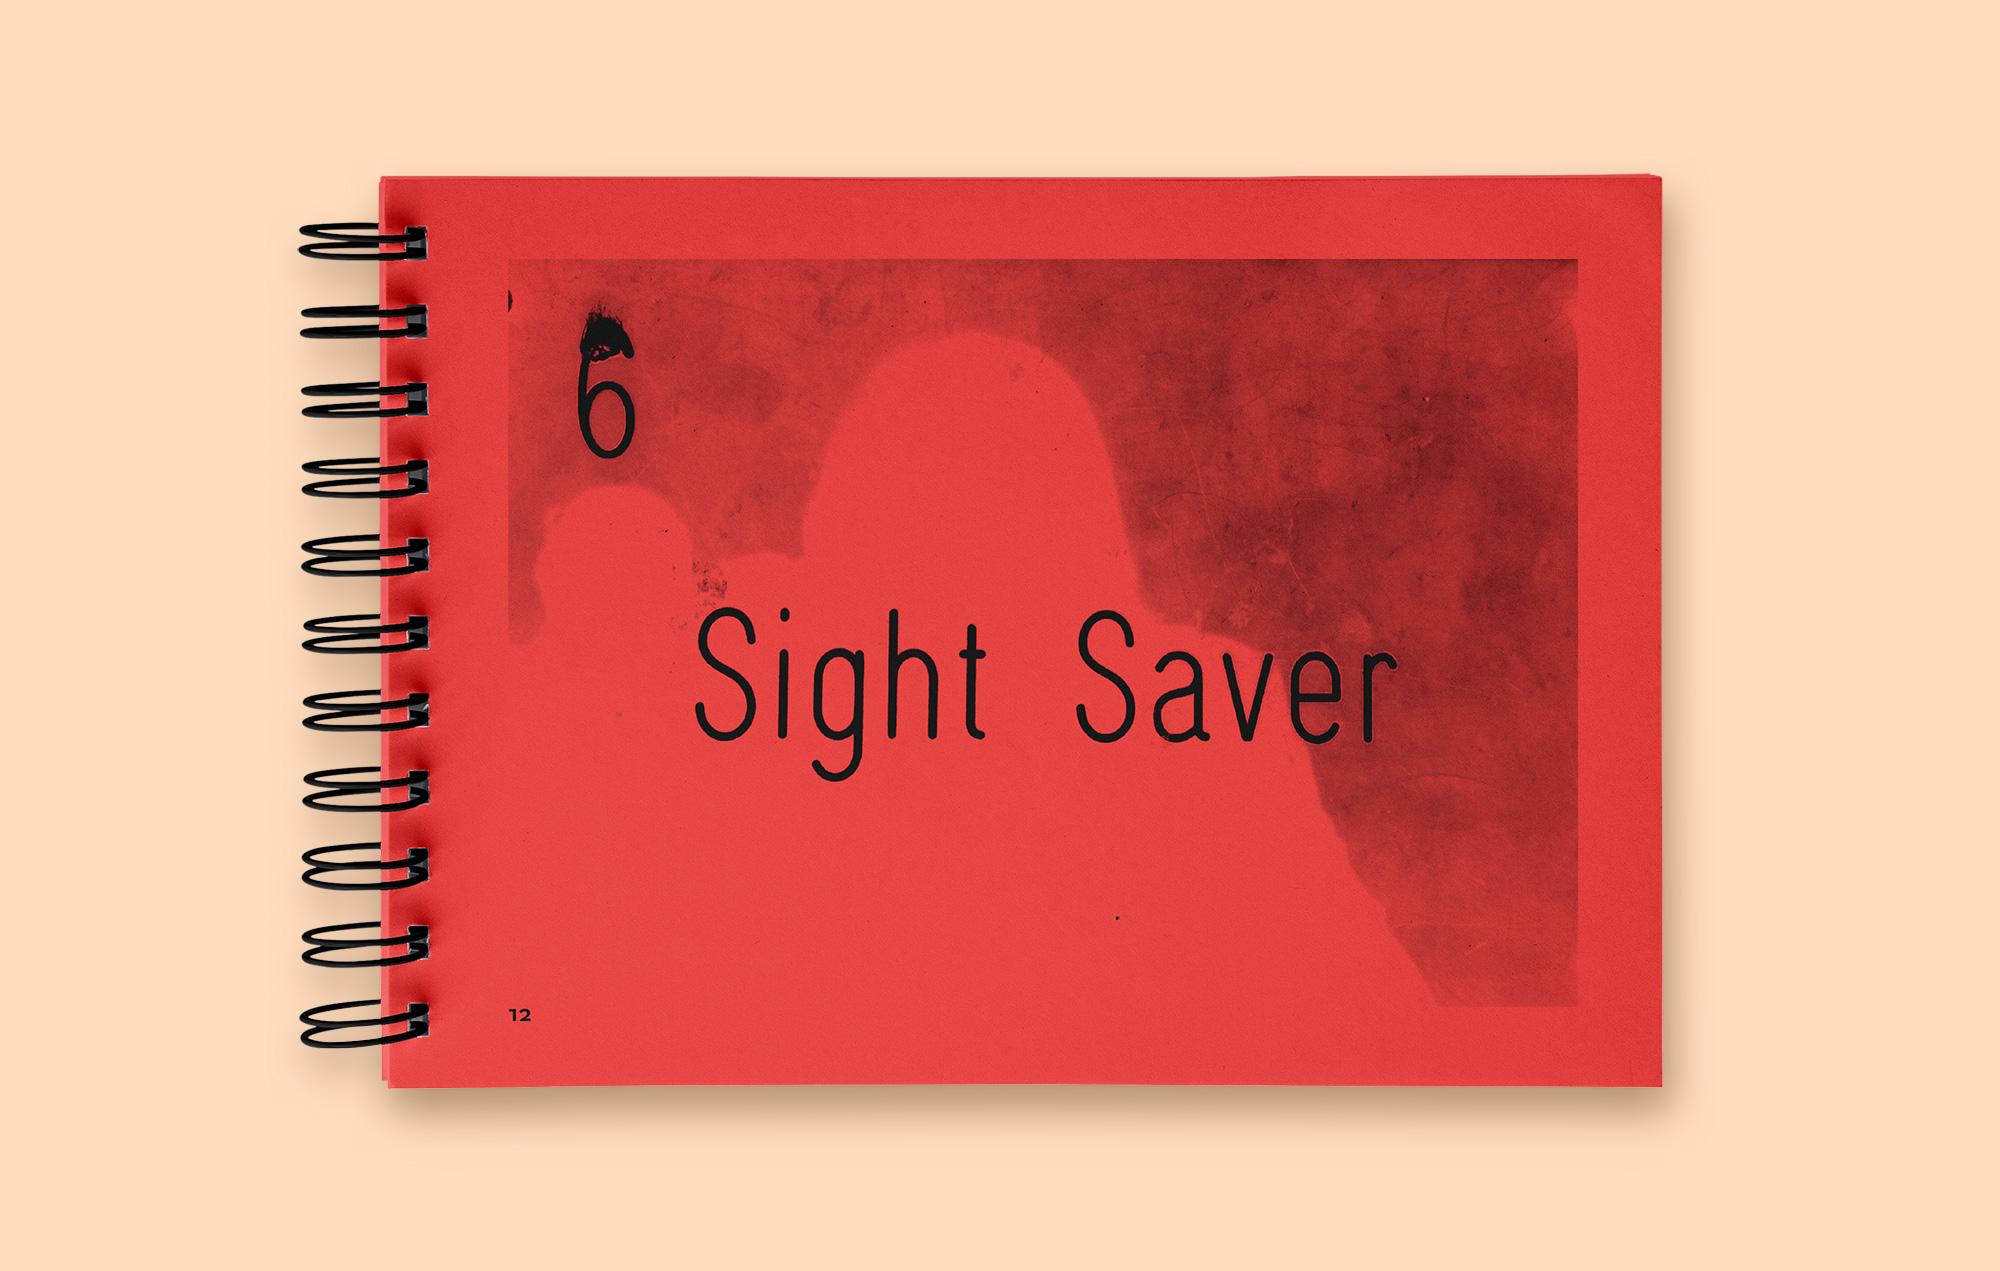 sight.jpg